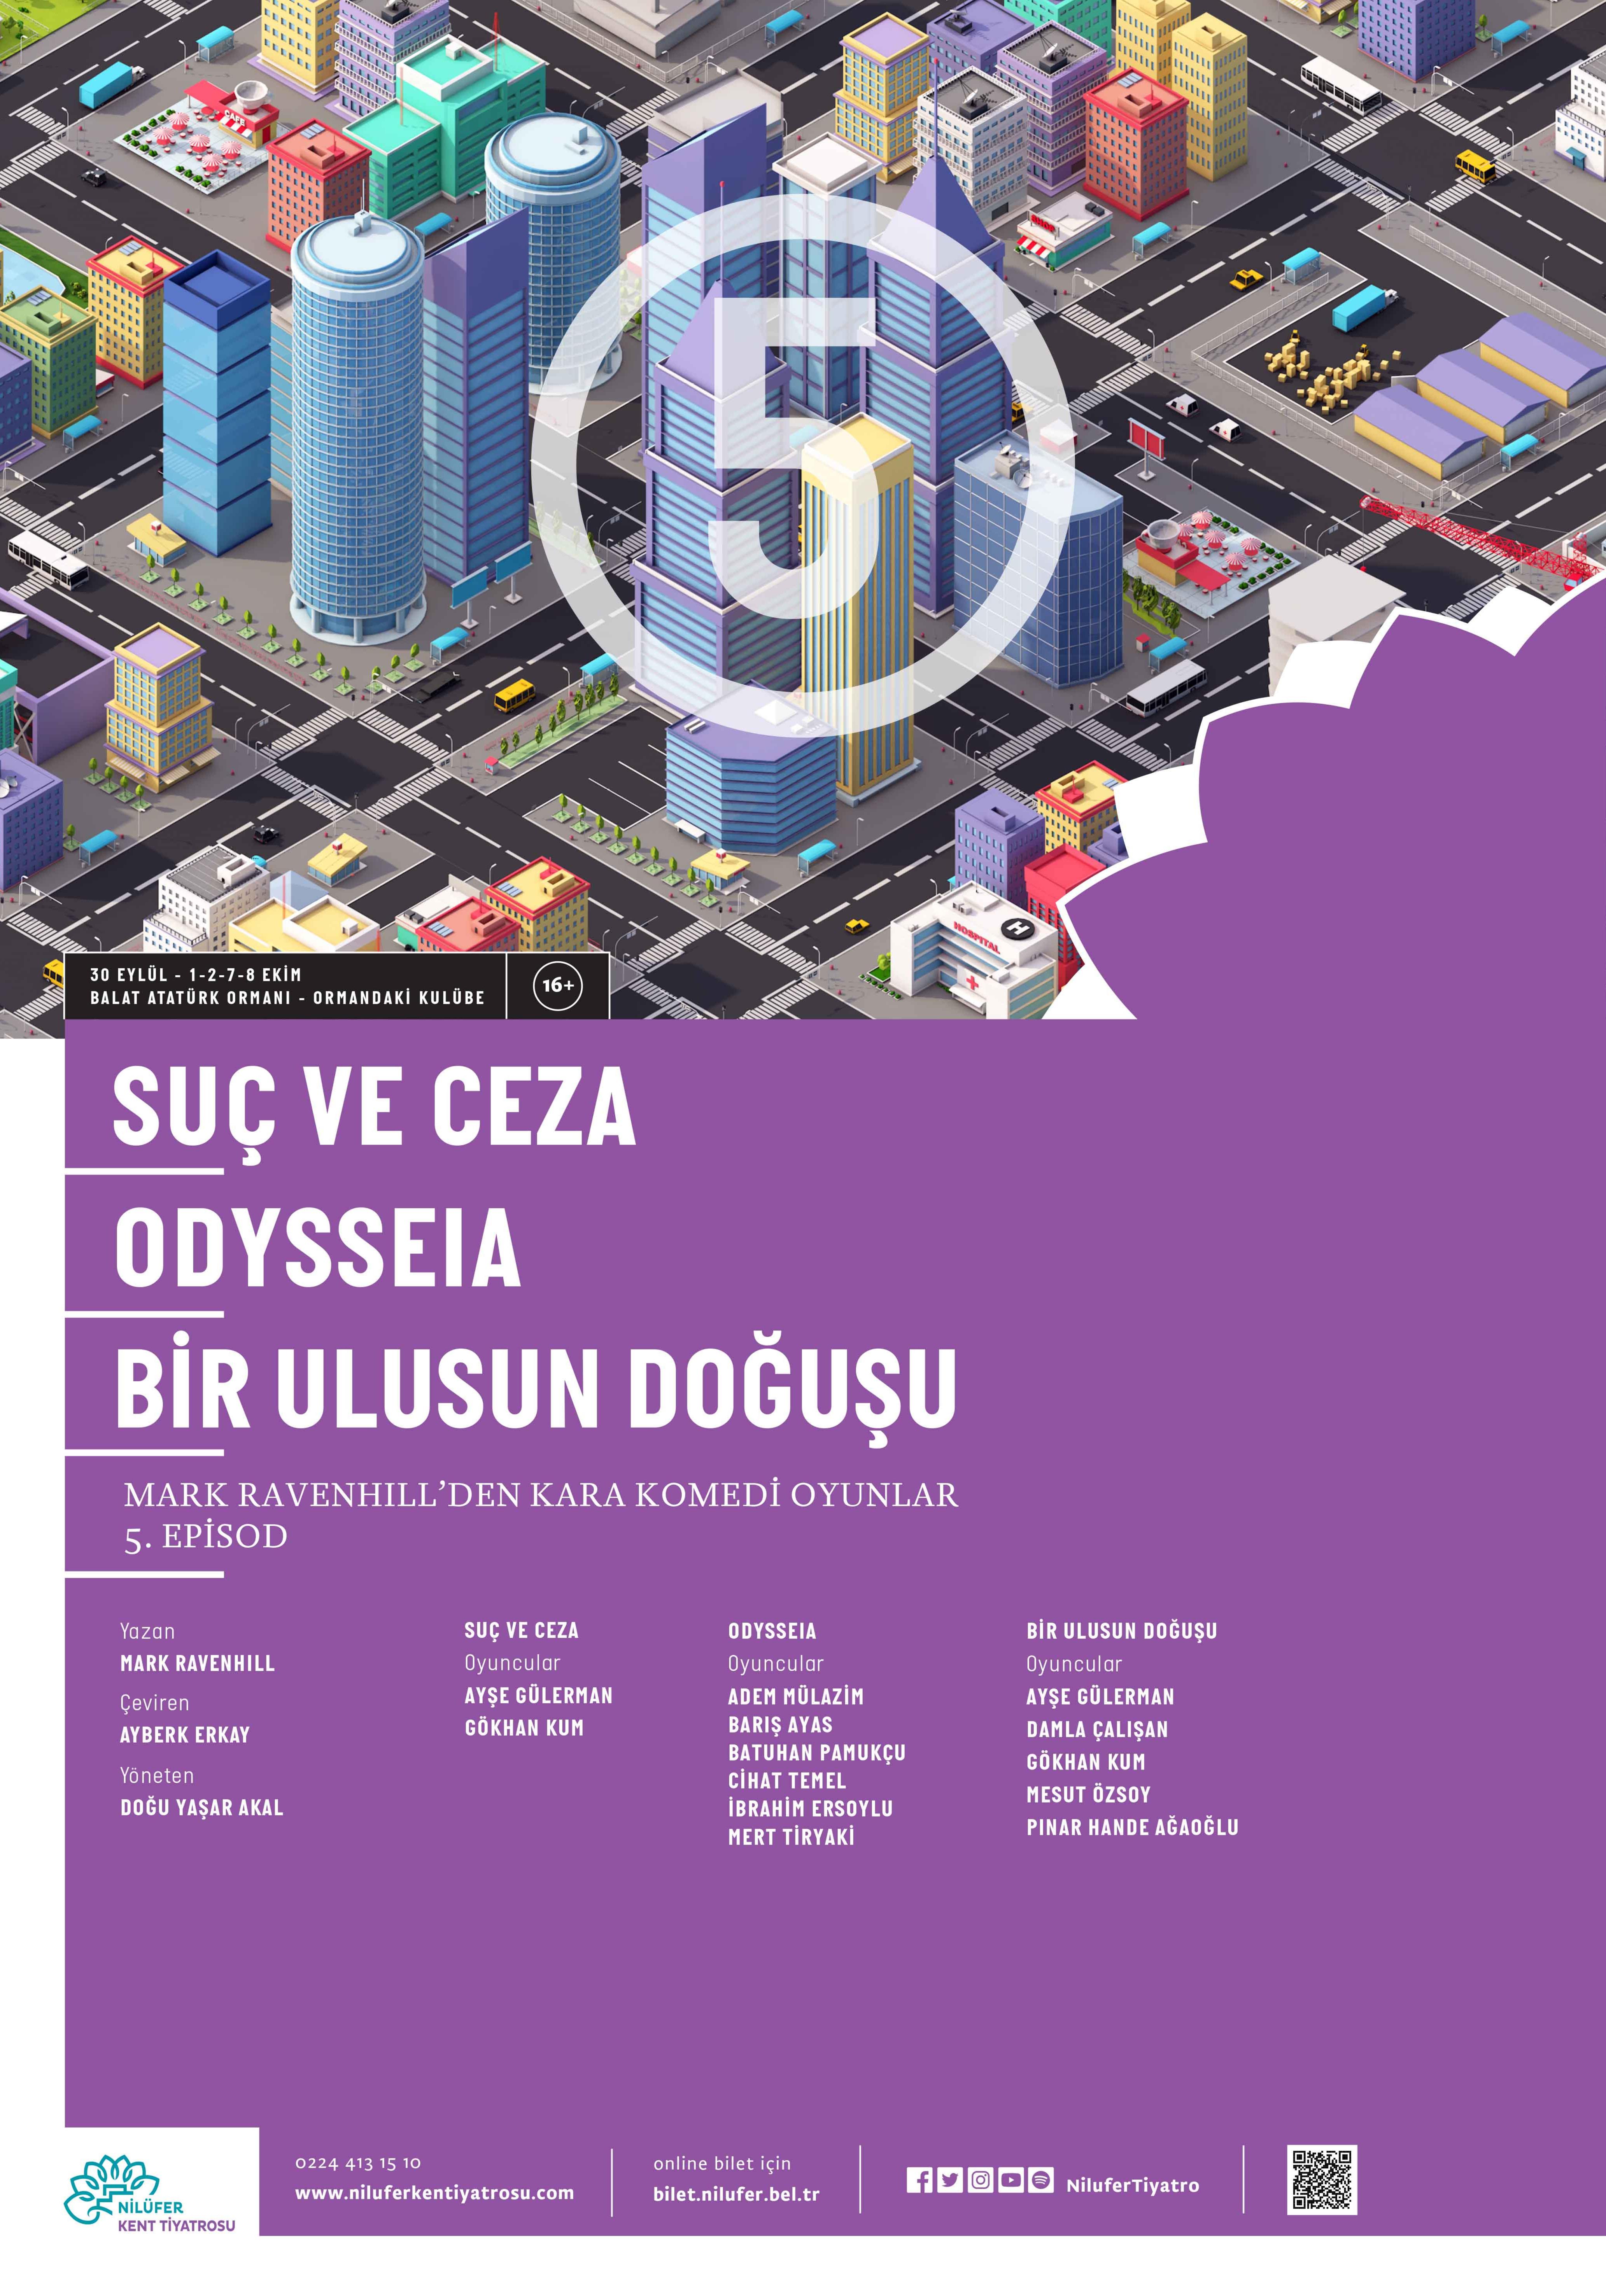 VUR YAĞMALA YENİDEN - EPİSOD 5